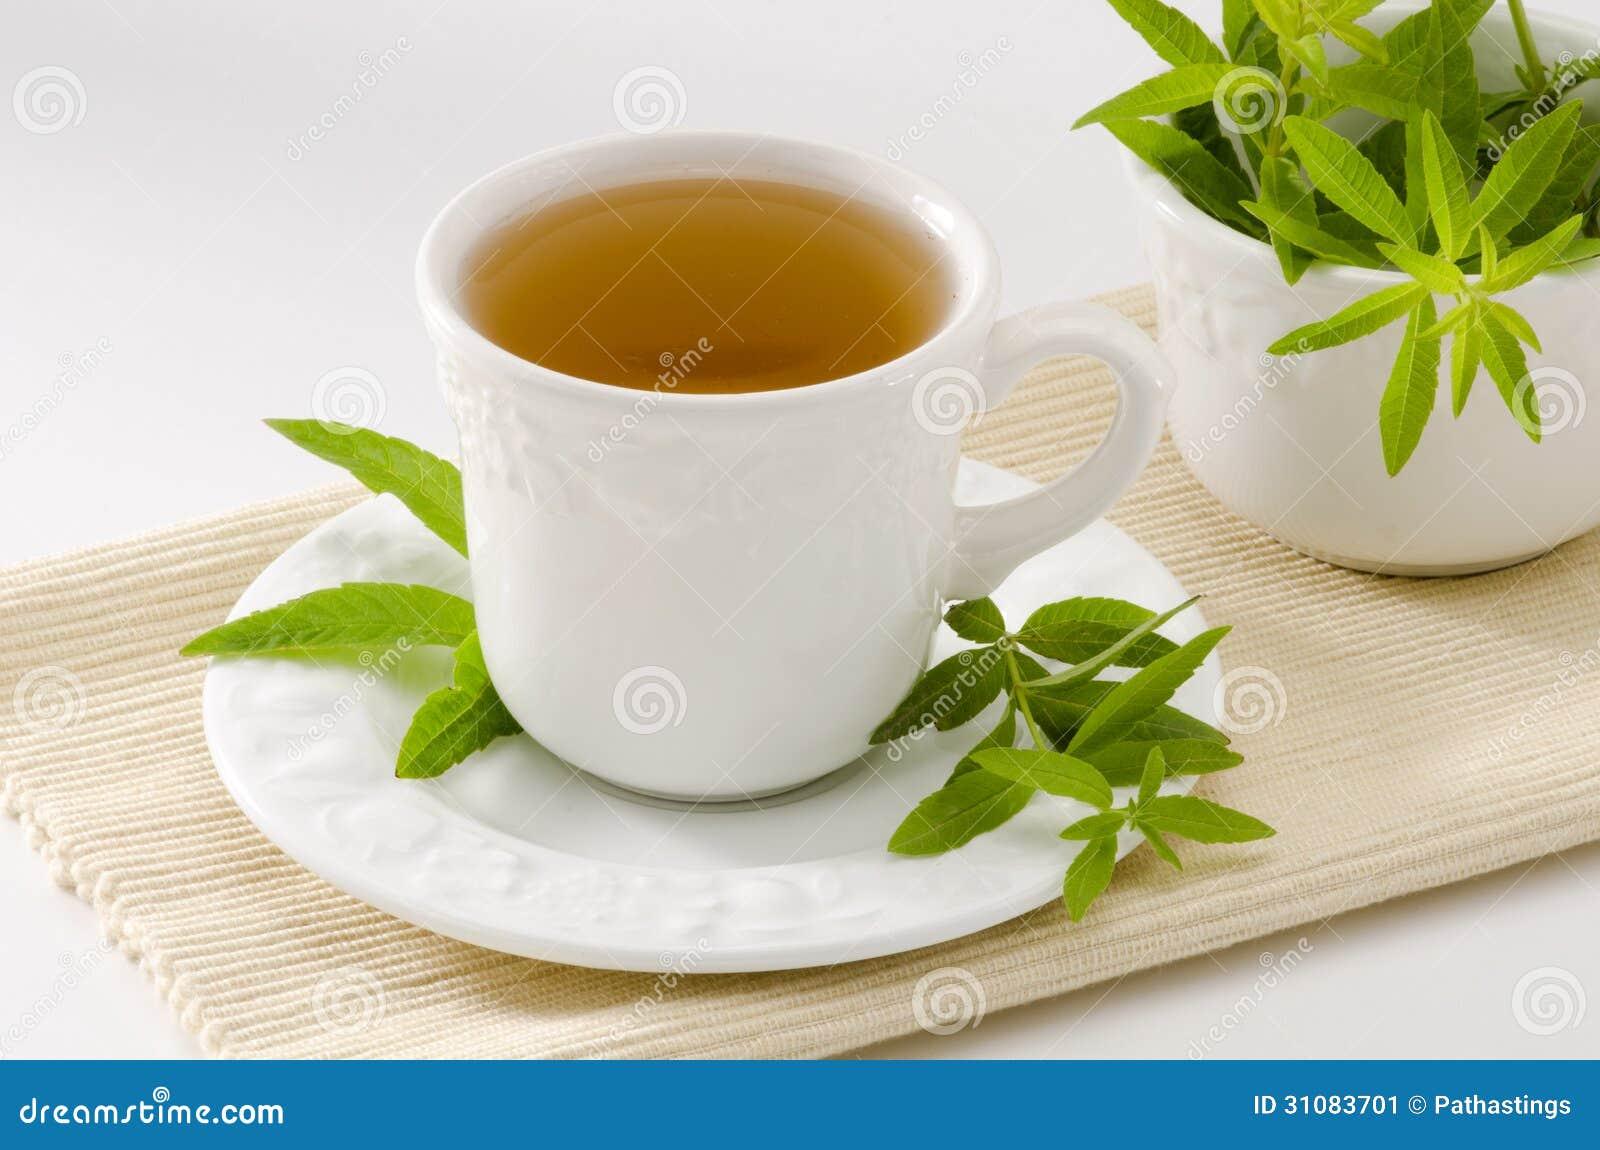 Lemon Verbena Herbal Tea Stock Image - Image: 31083701